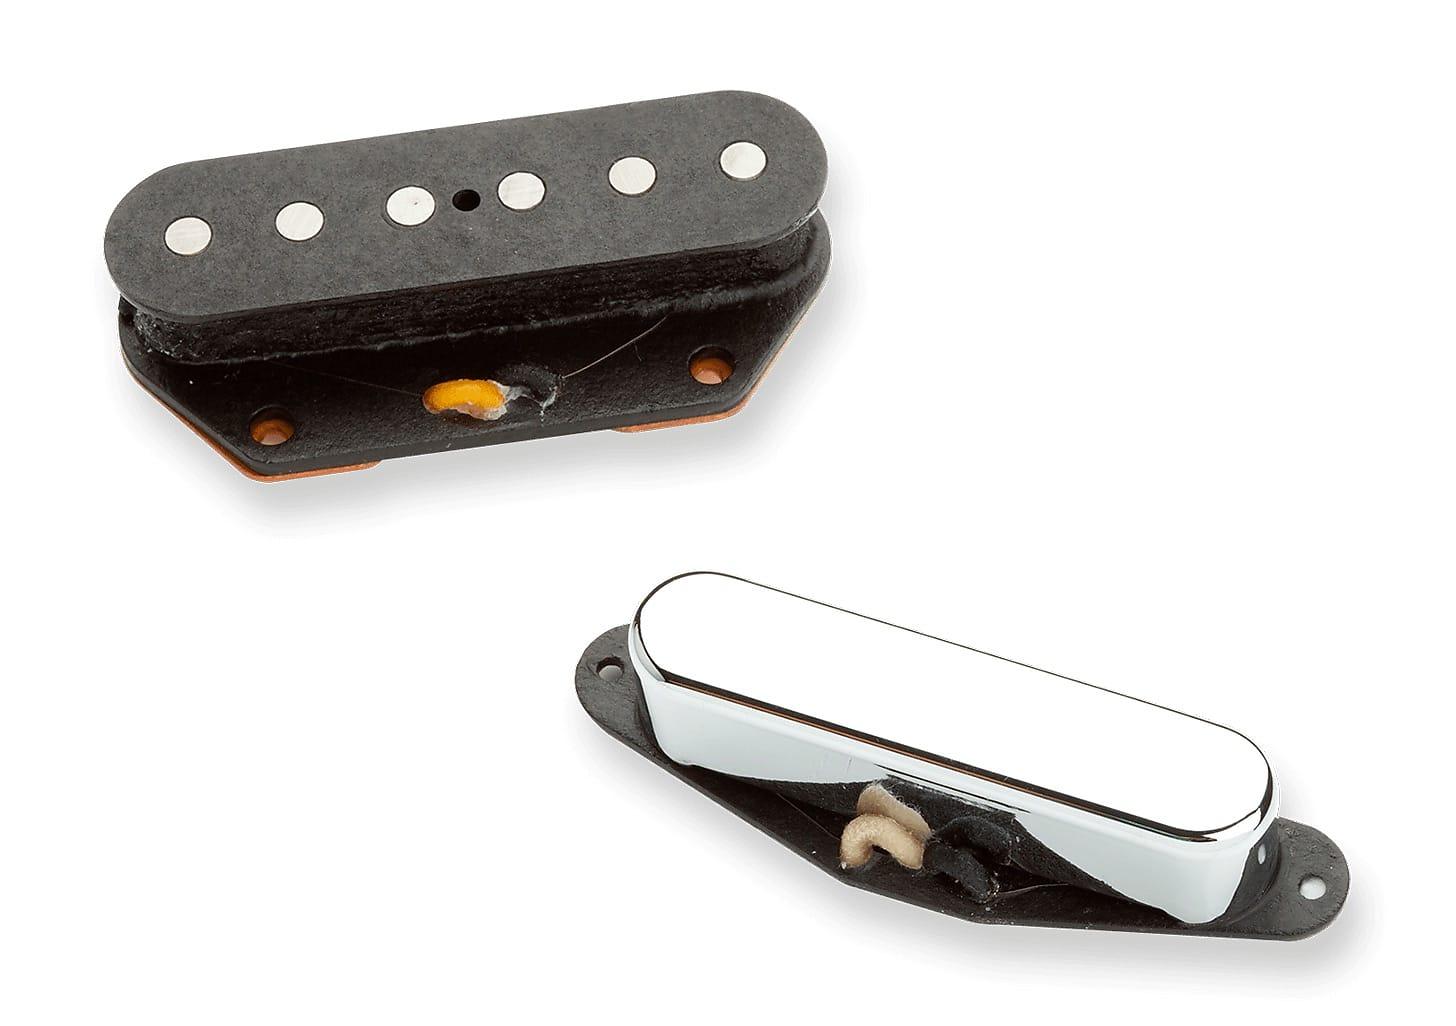 Seymour Duncan STL-1 Vintage Broadcaster Single Coil Guitar Pickup Set